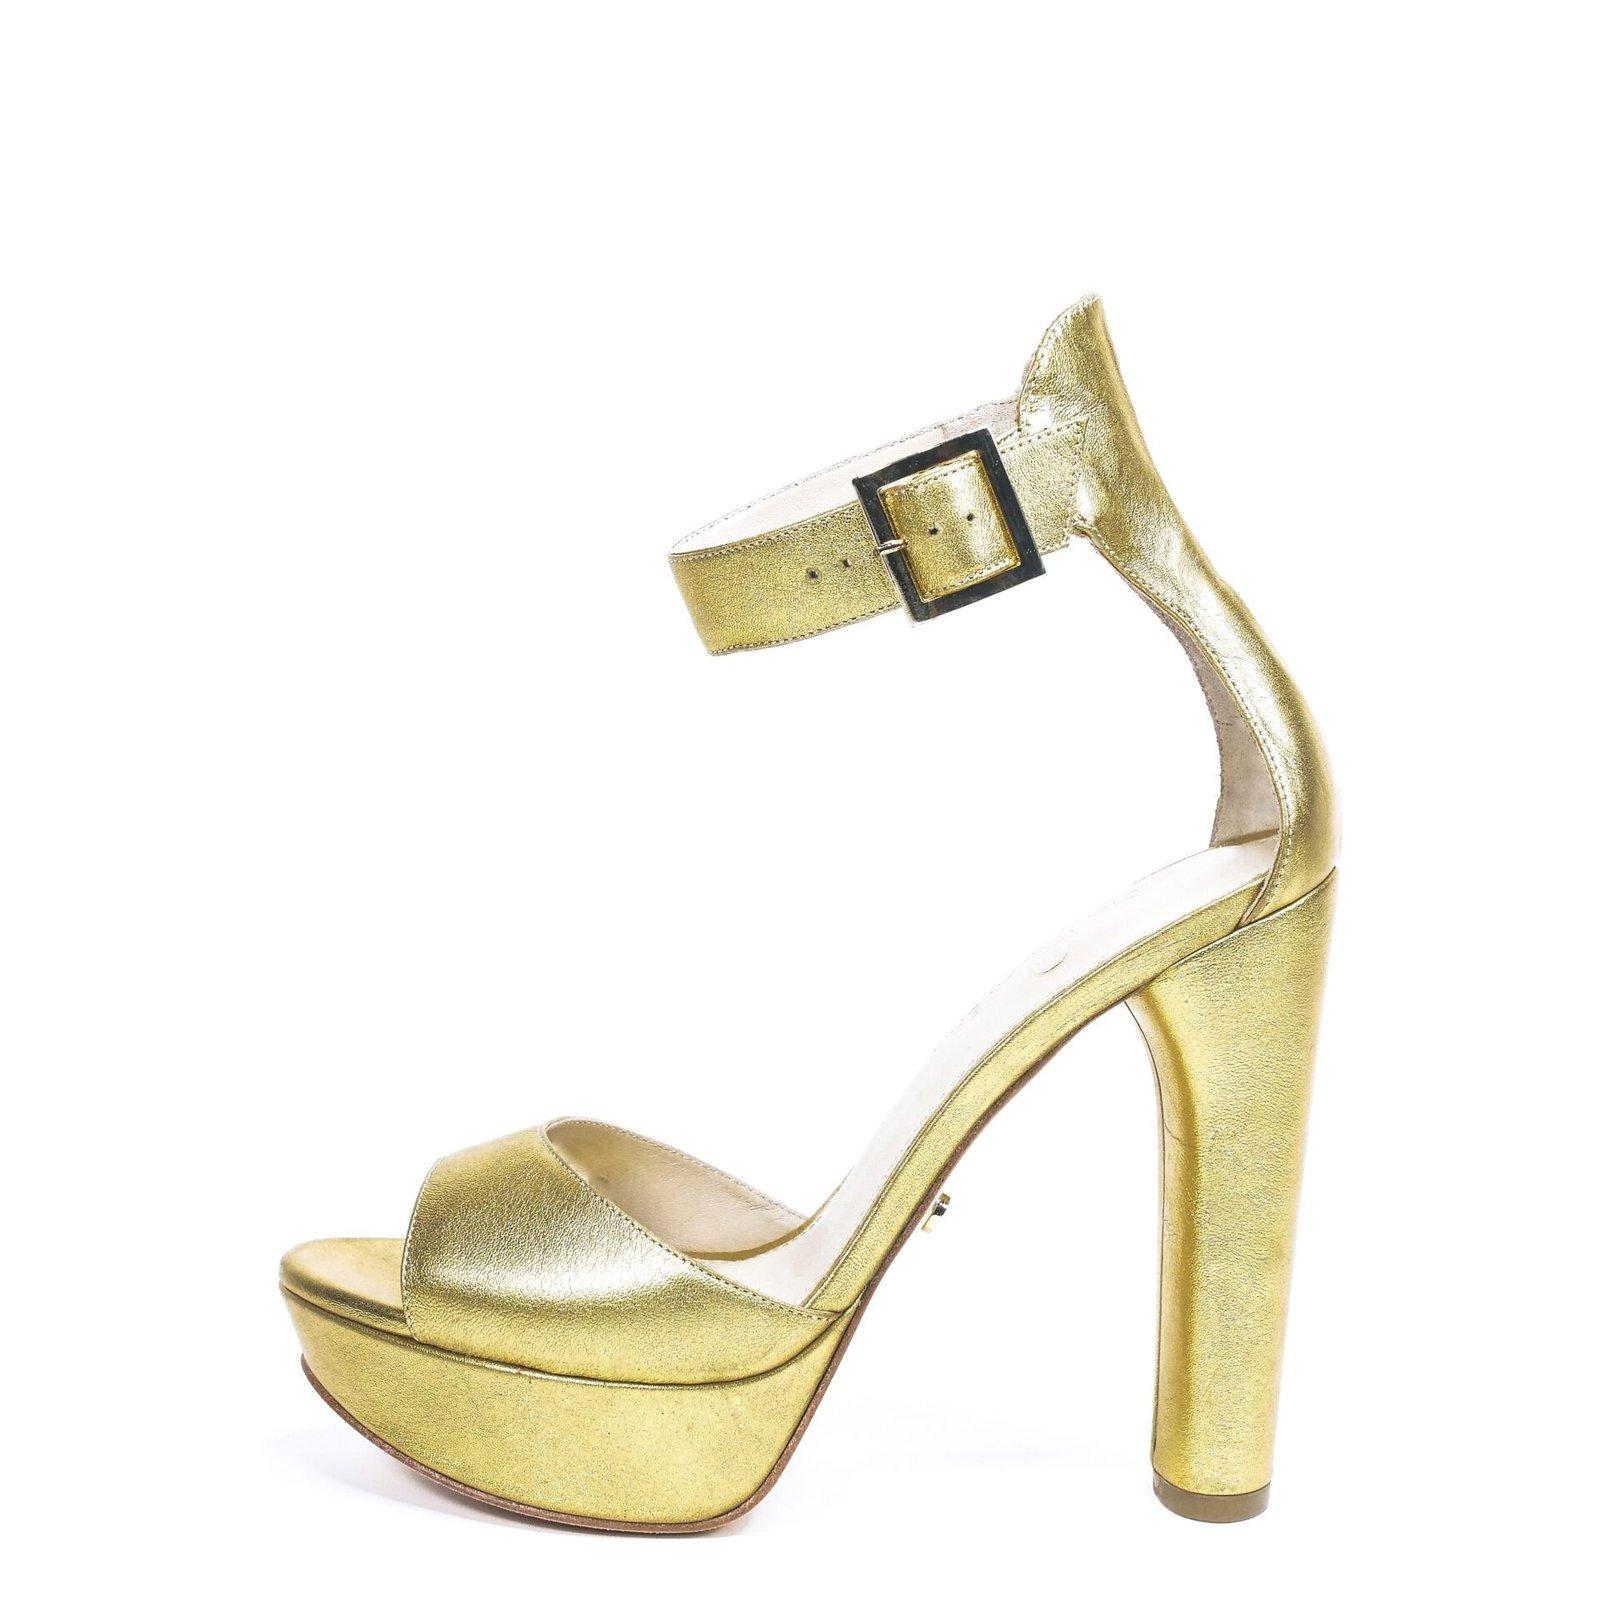 gold platform high heels for men & women